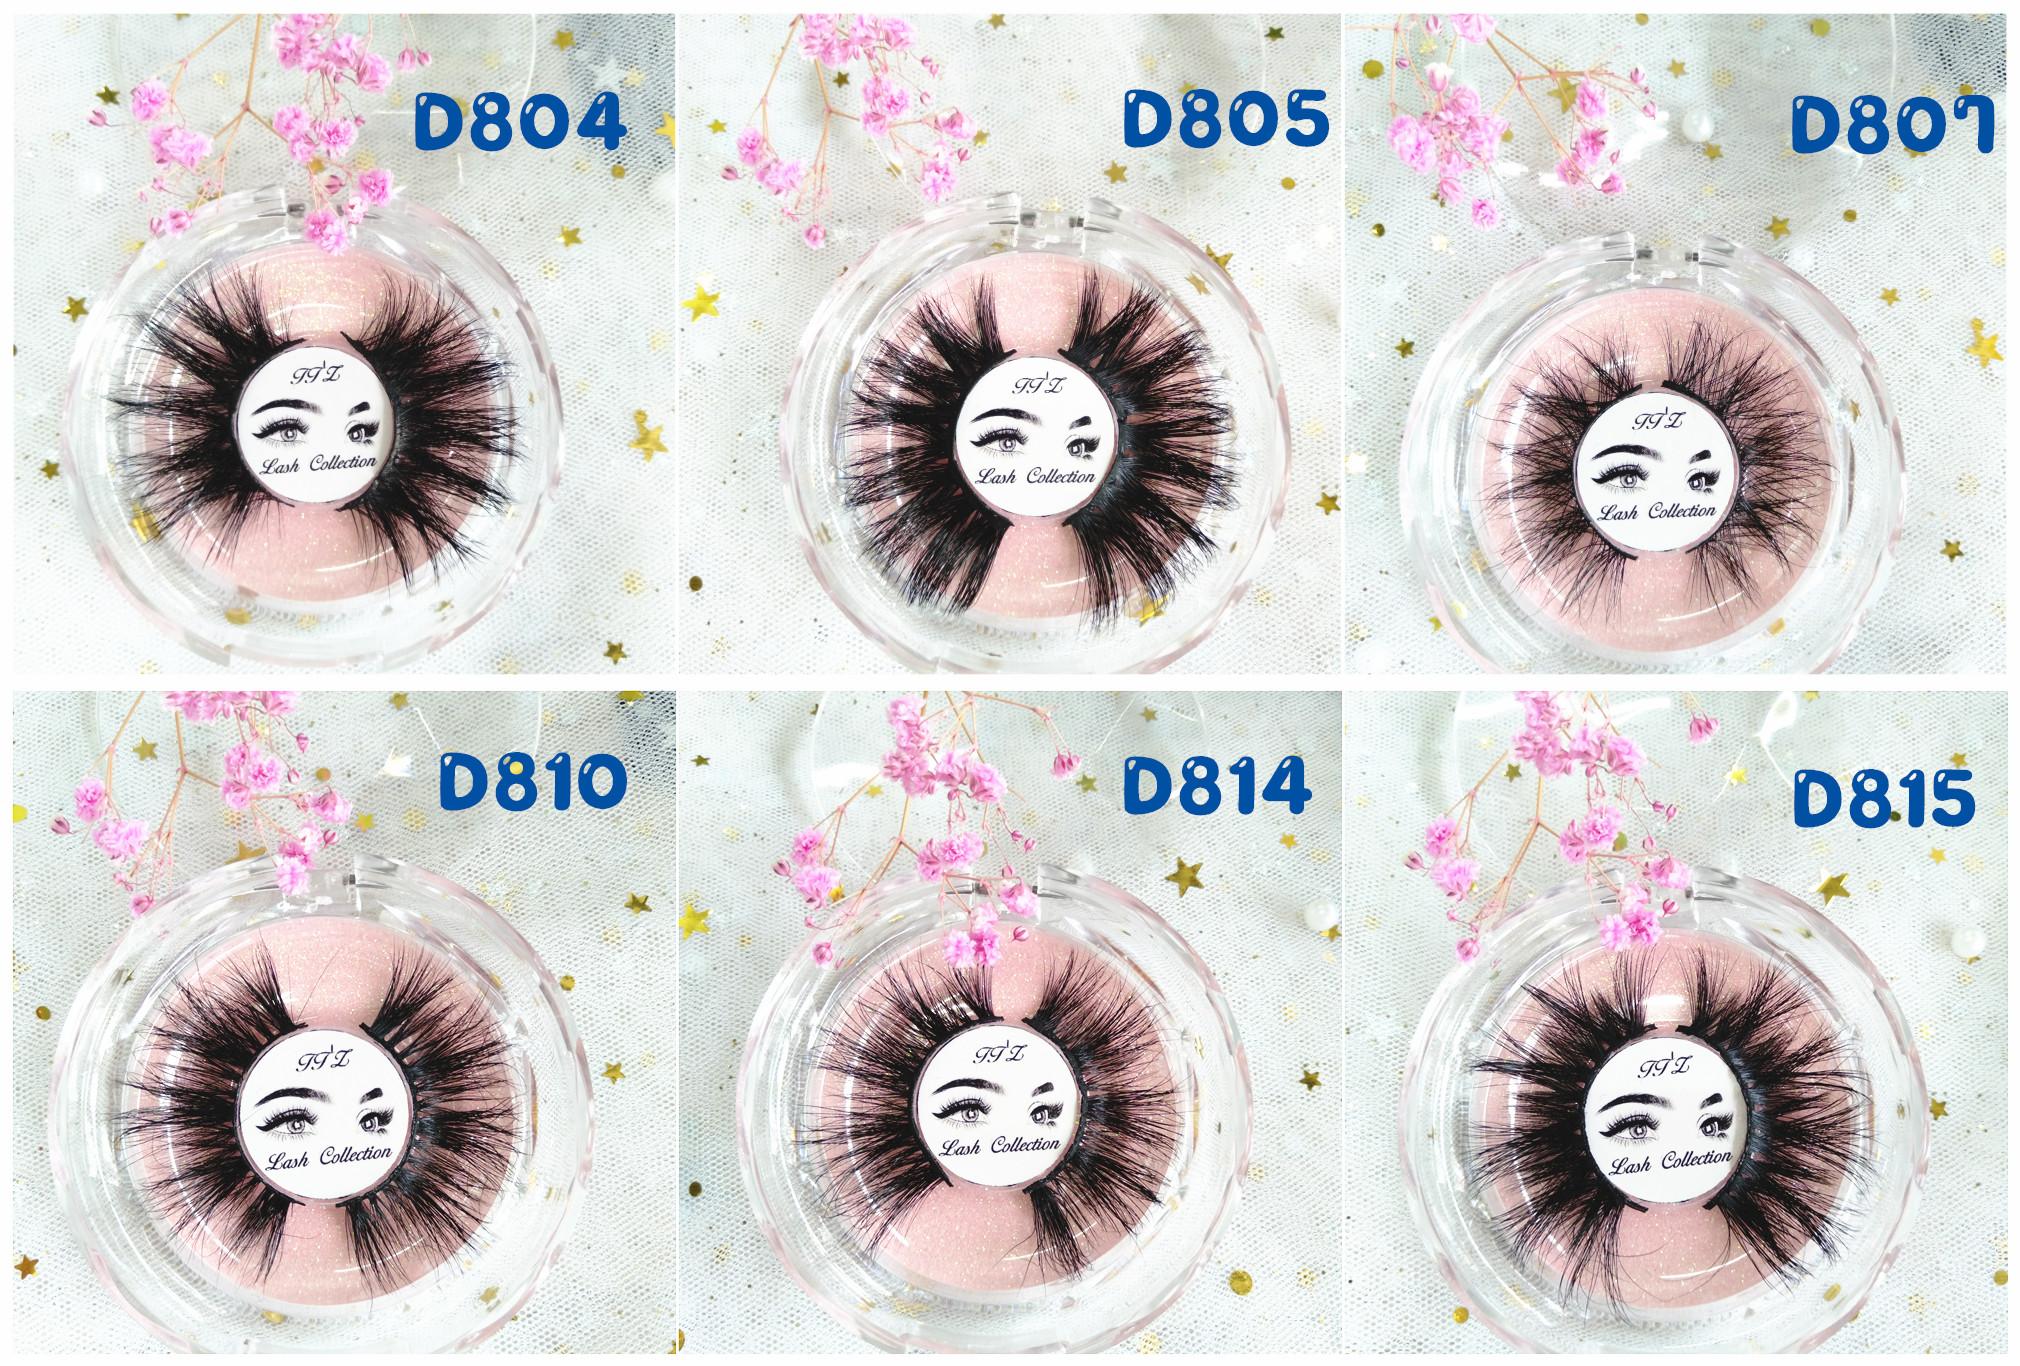 25 มม. ขนตาปลอมคุณภาพสูง crossing double layered handmade 3d ขนตาบรรจุภัณฑ์ 100% real mink eyelash extension